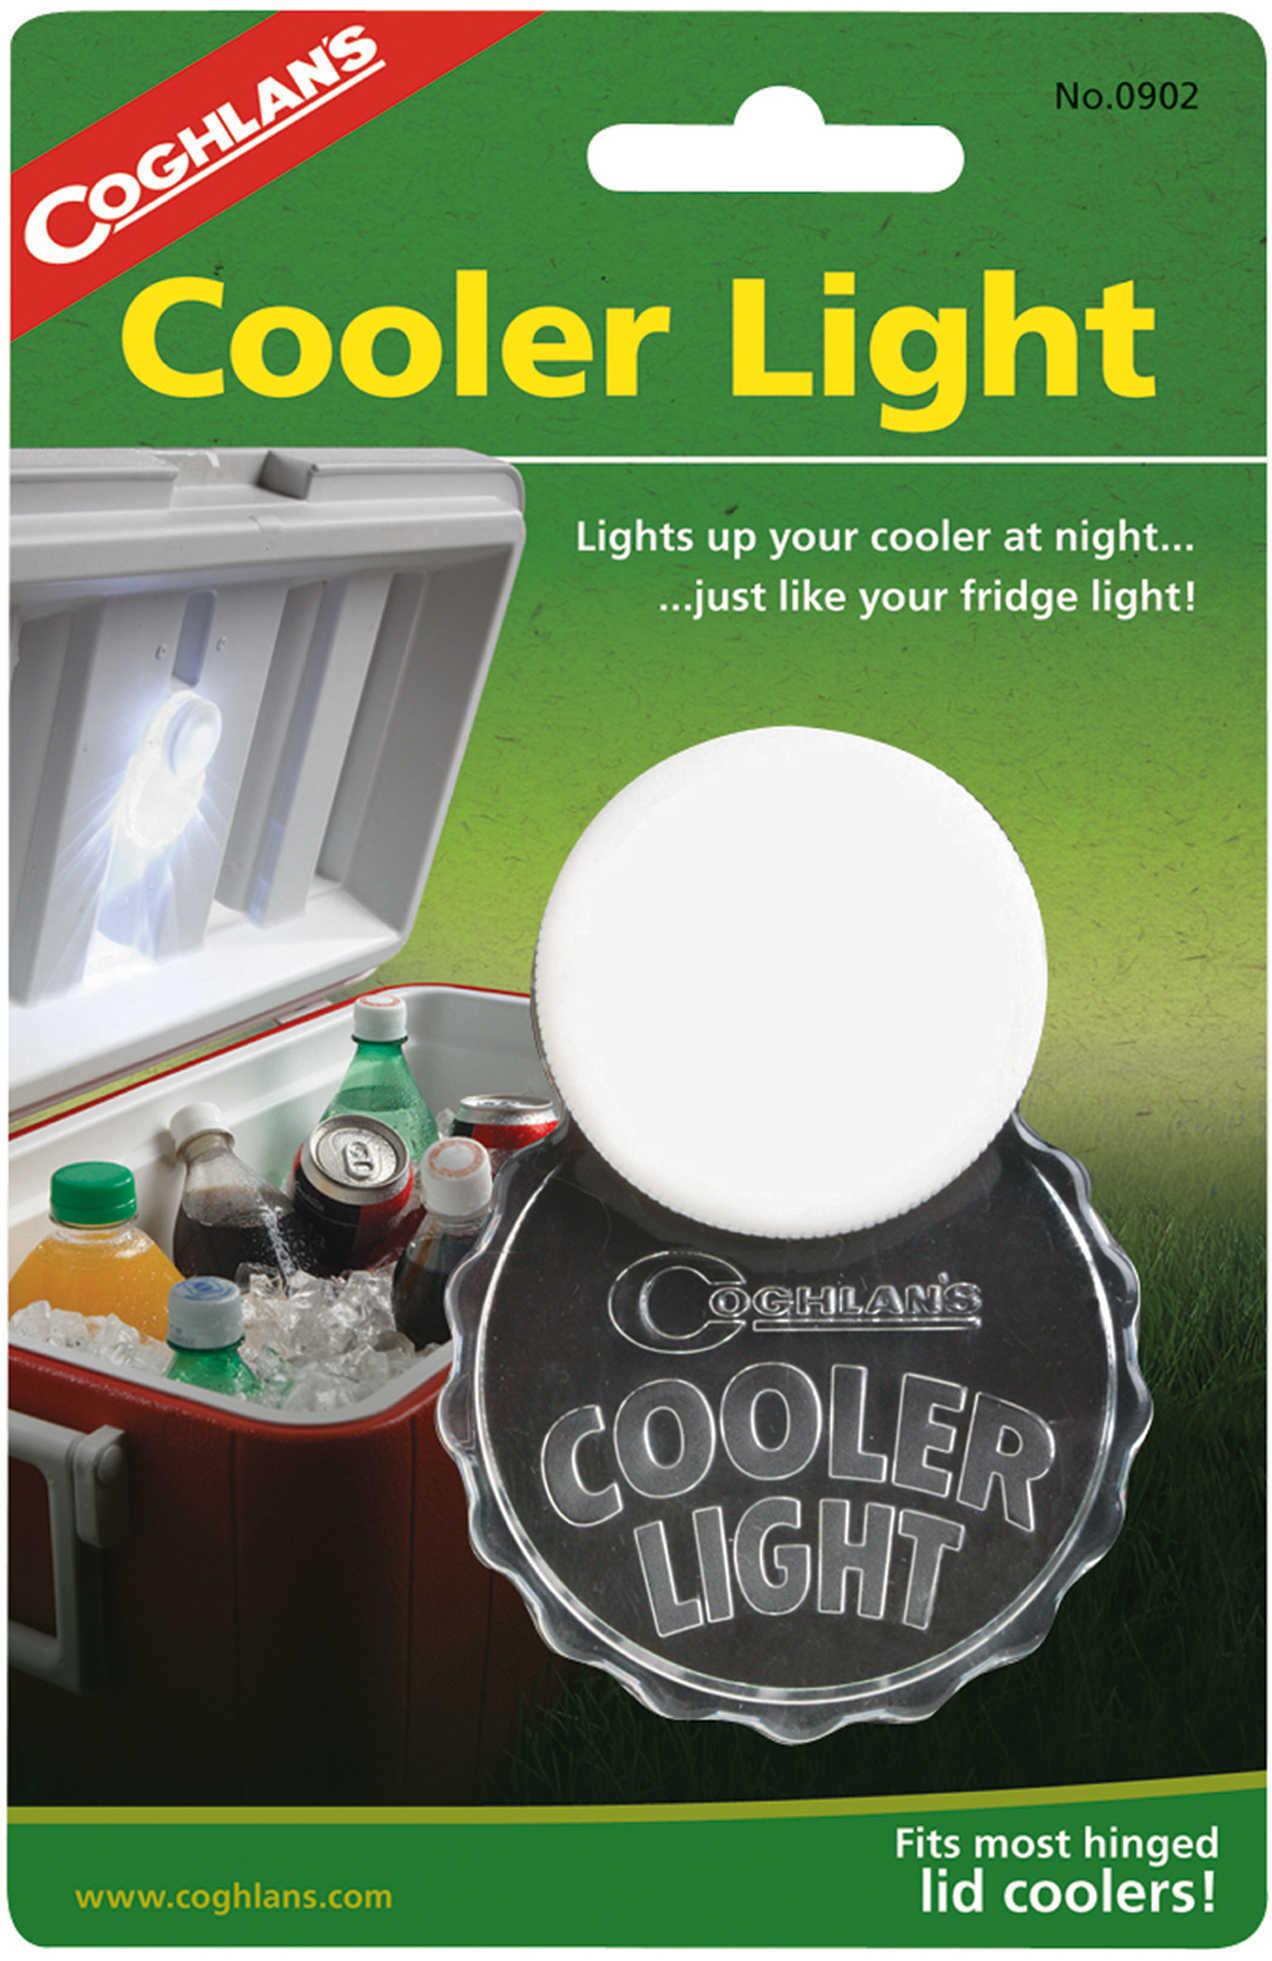 COGHLANS Cooler Light Md: 0902